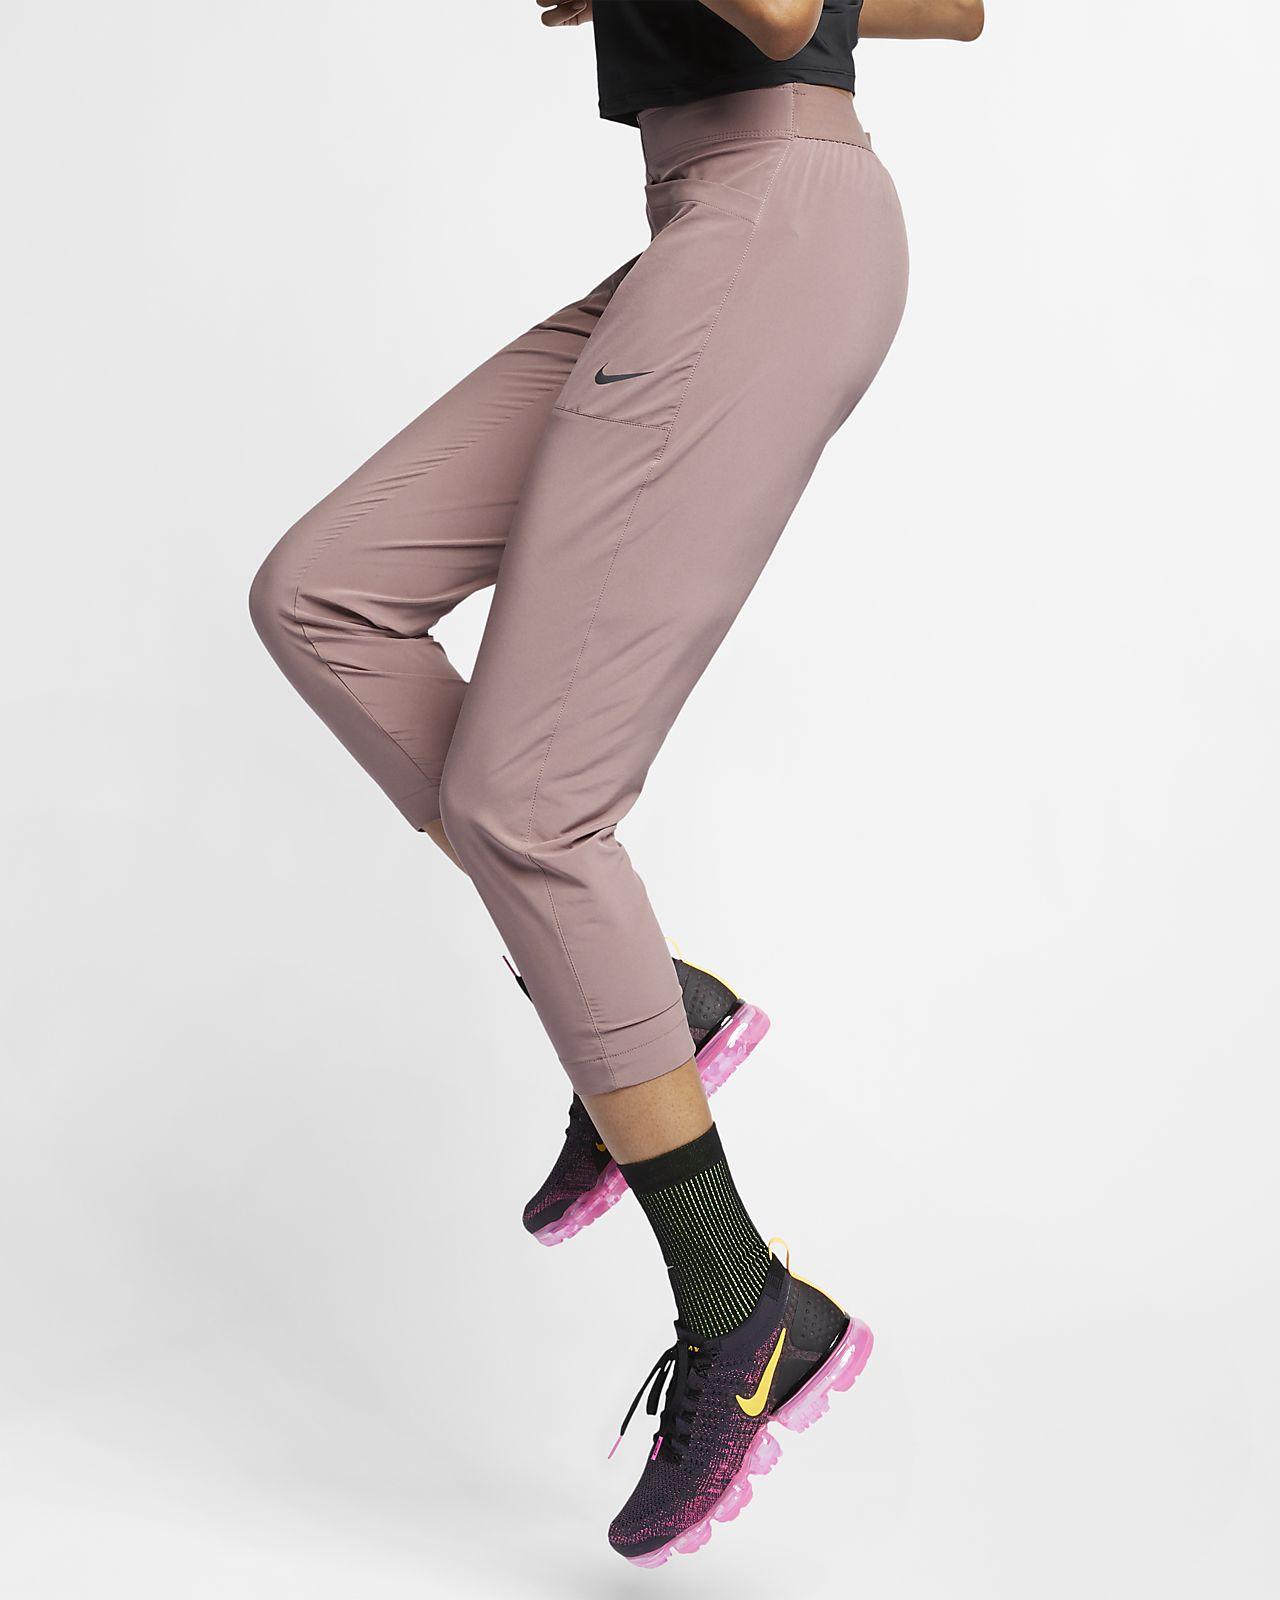 low priced 10626 d7017 ... Nike Swift-78-løbebukser til kvinder